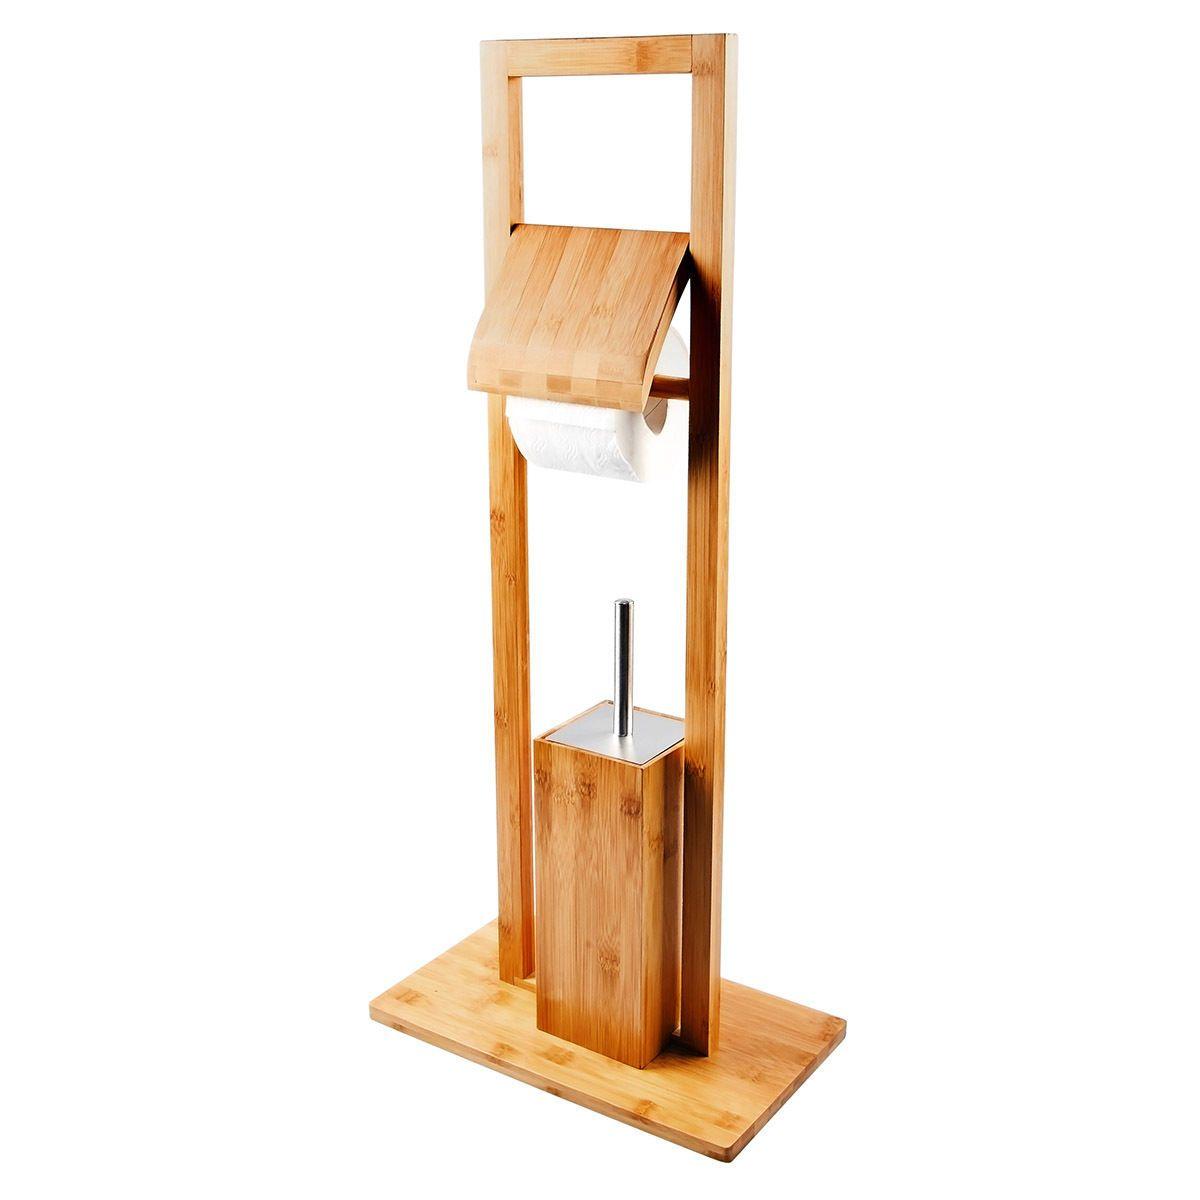 Kloburste Wc Stander Standgarnitur Toilettenburste Wc Garnitur Set Bambus Bad Ebay Wc Garnitur Wc Garnitur Set Bambus